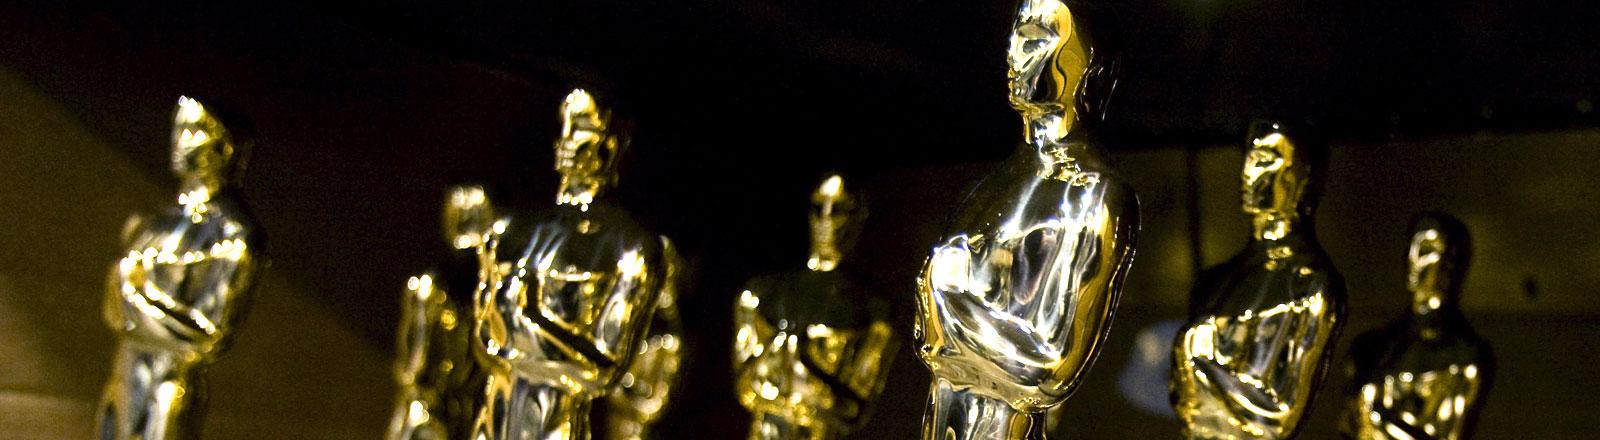 Mehrere Oscar-Statuen.